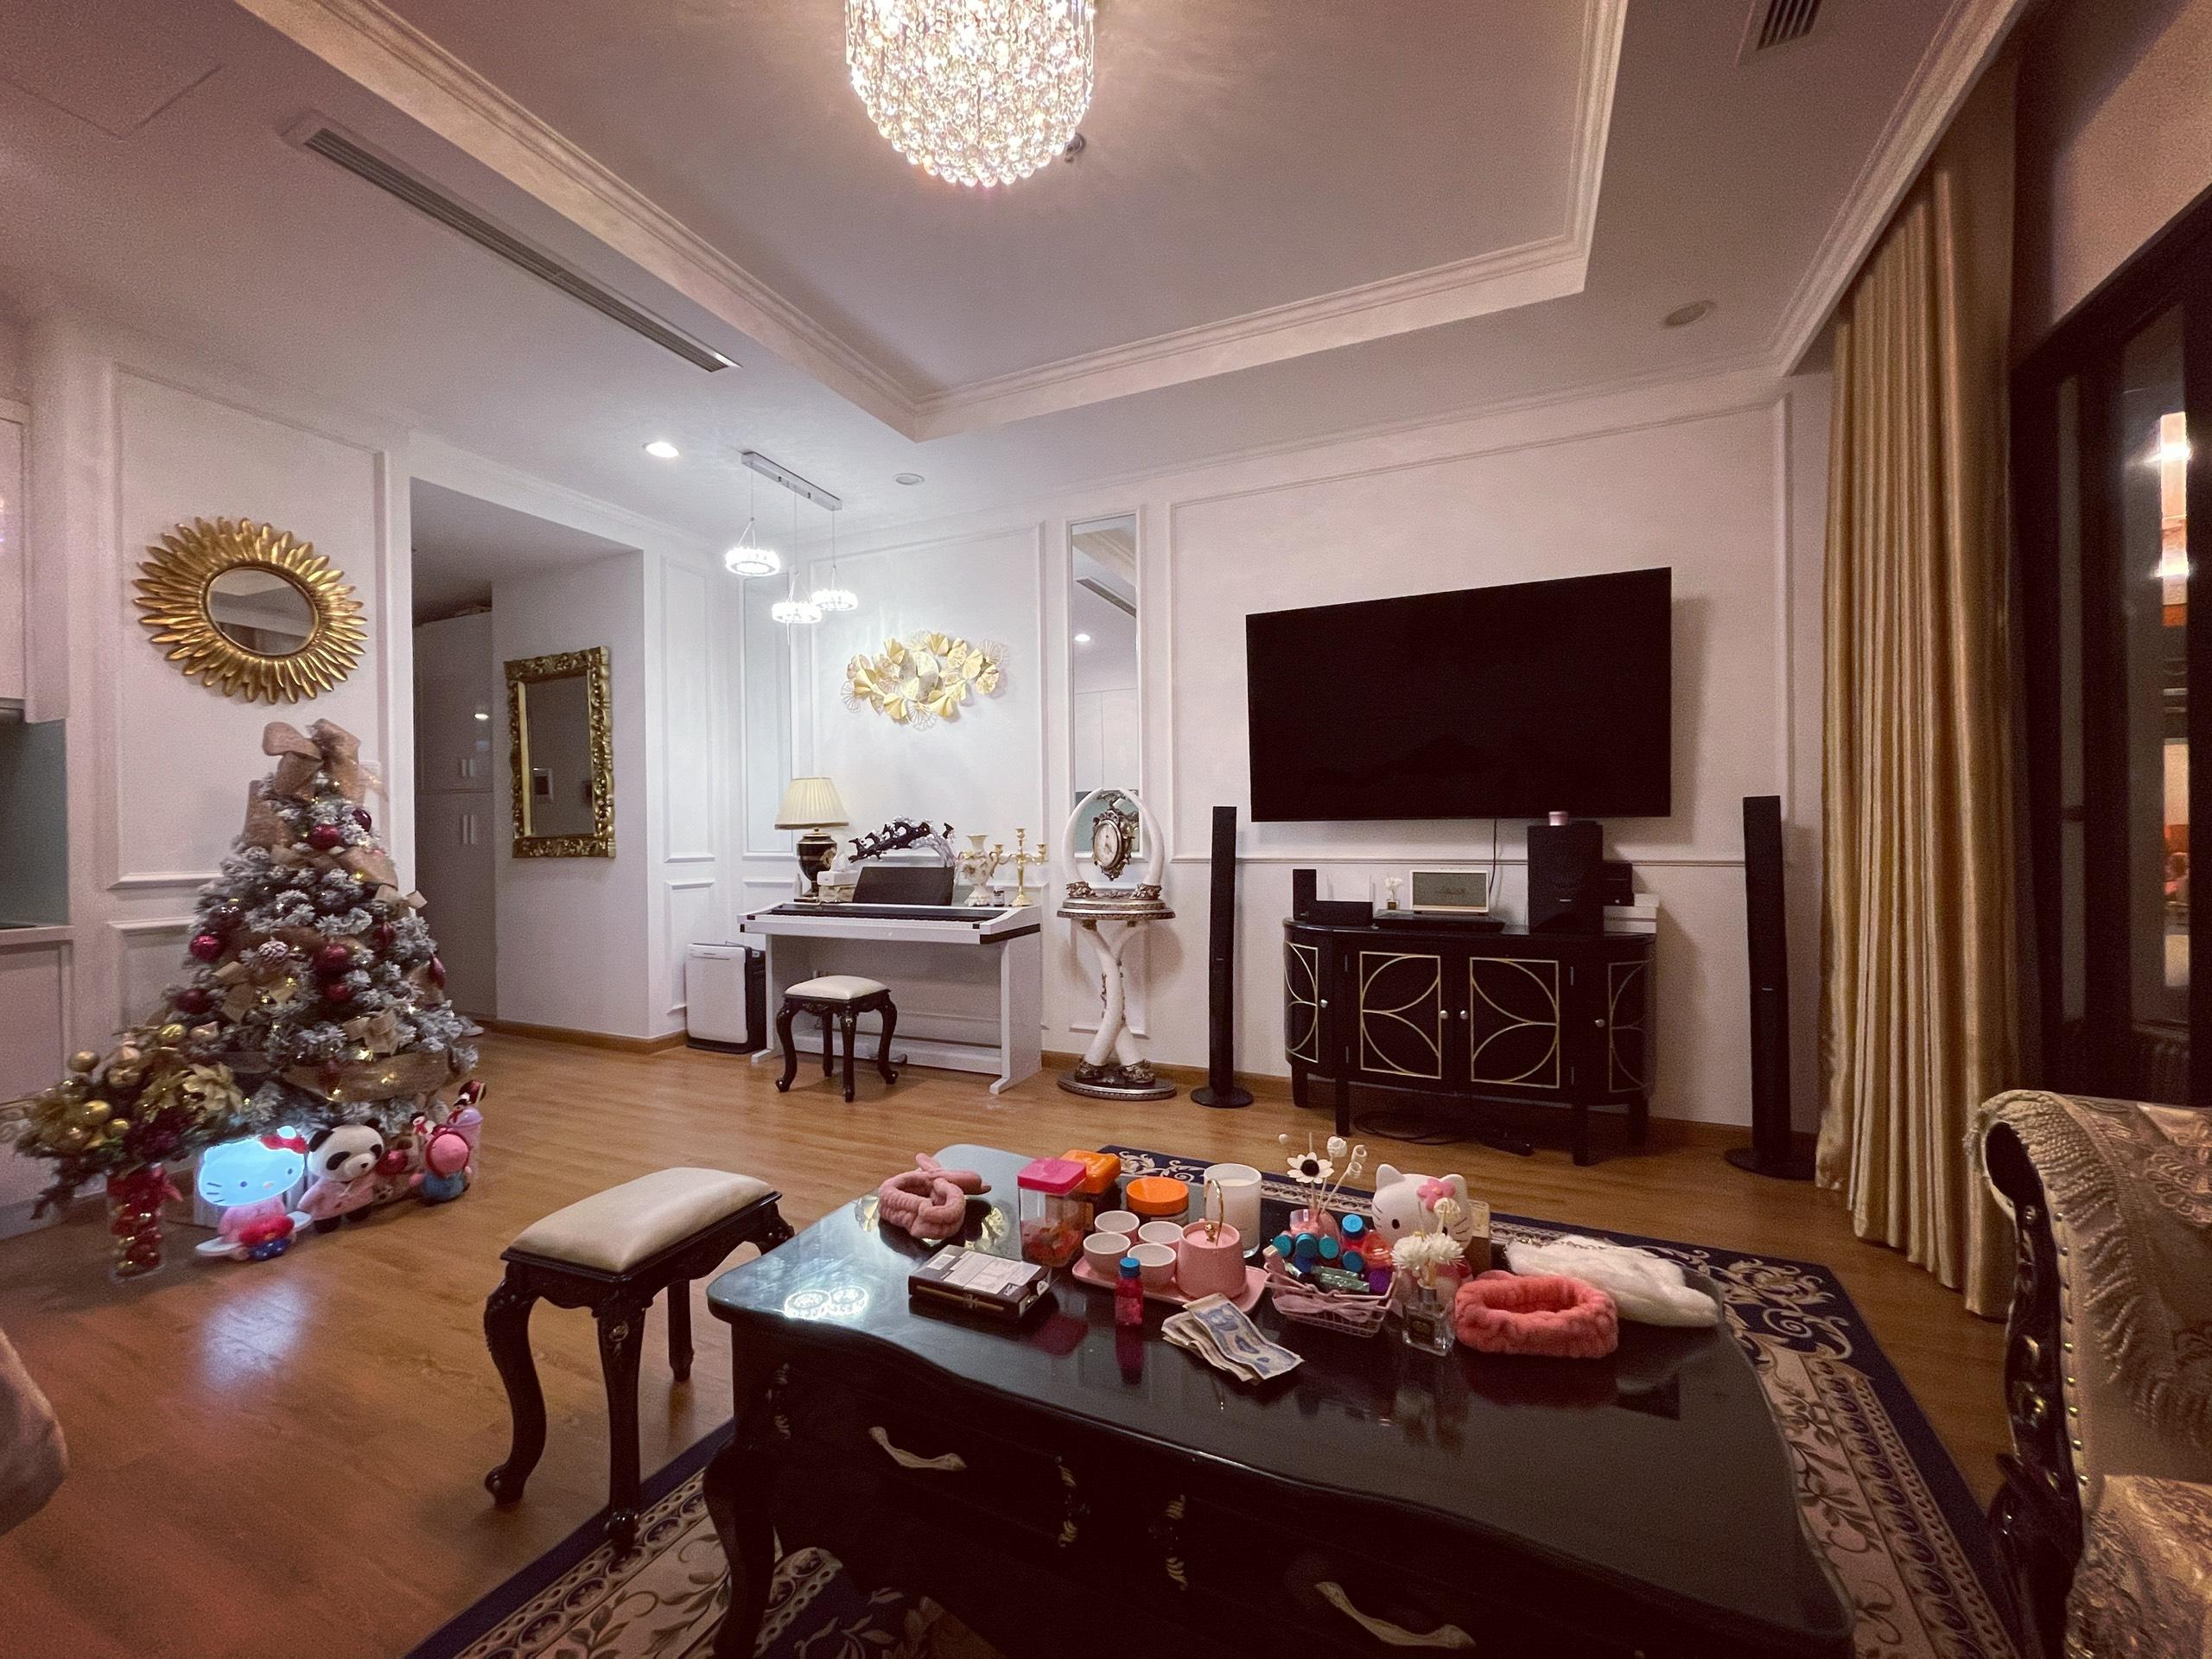 Bán căn hộ 1 phòng ngủ Royal City 55m2 tòa R6 Full nội thất